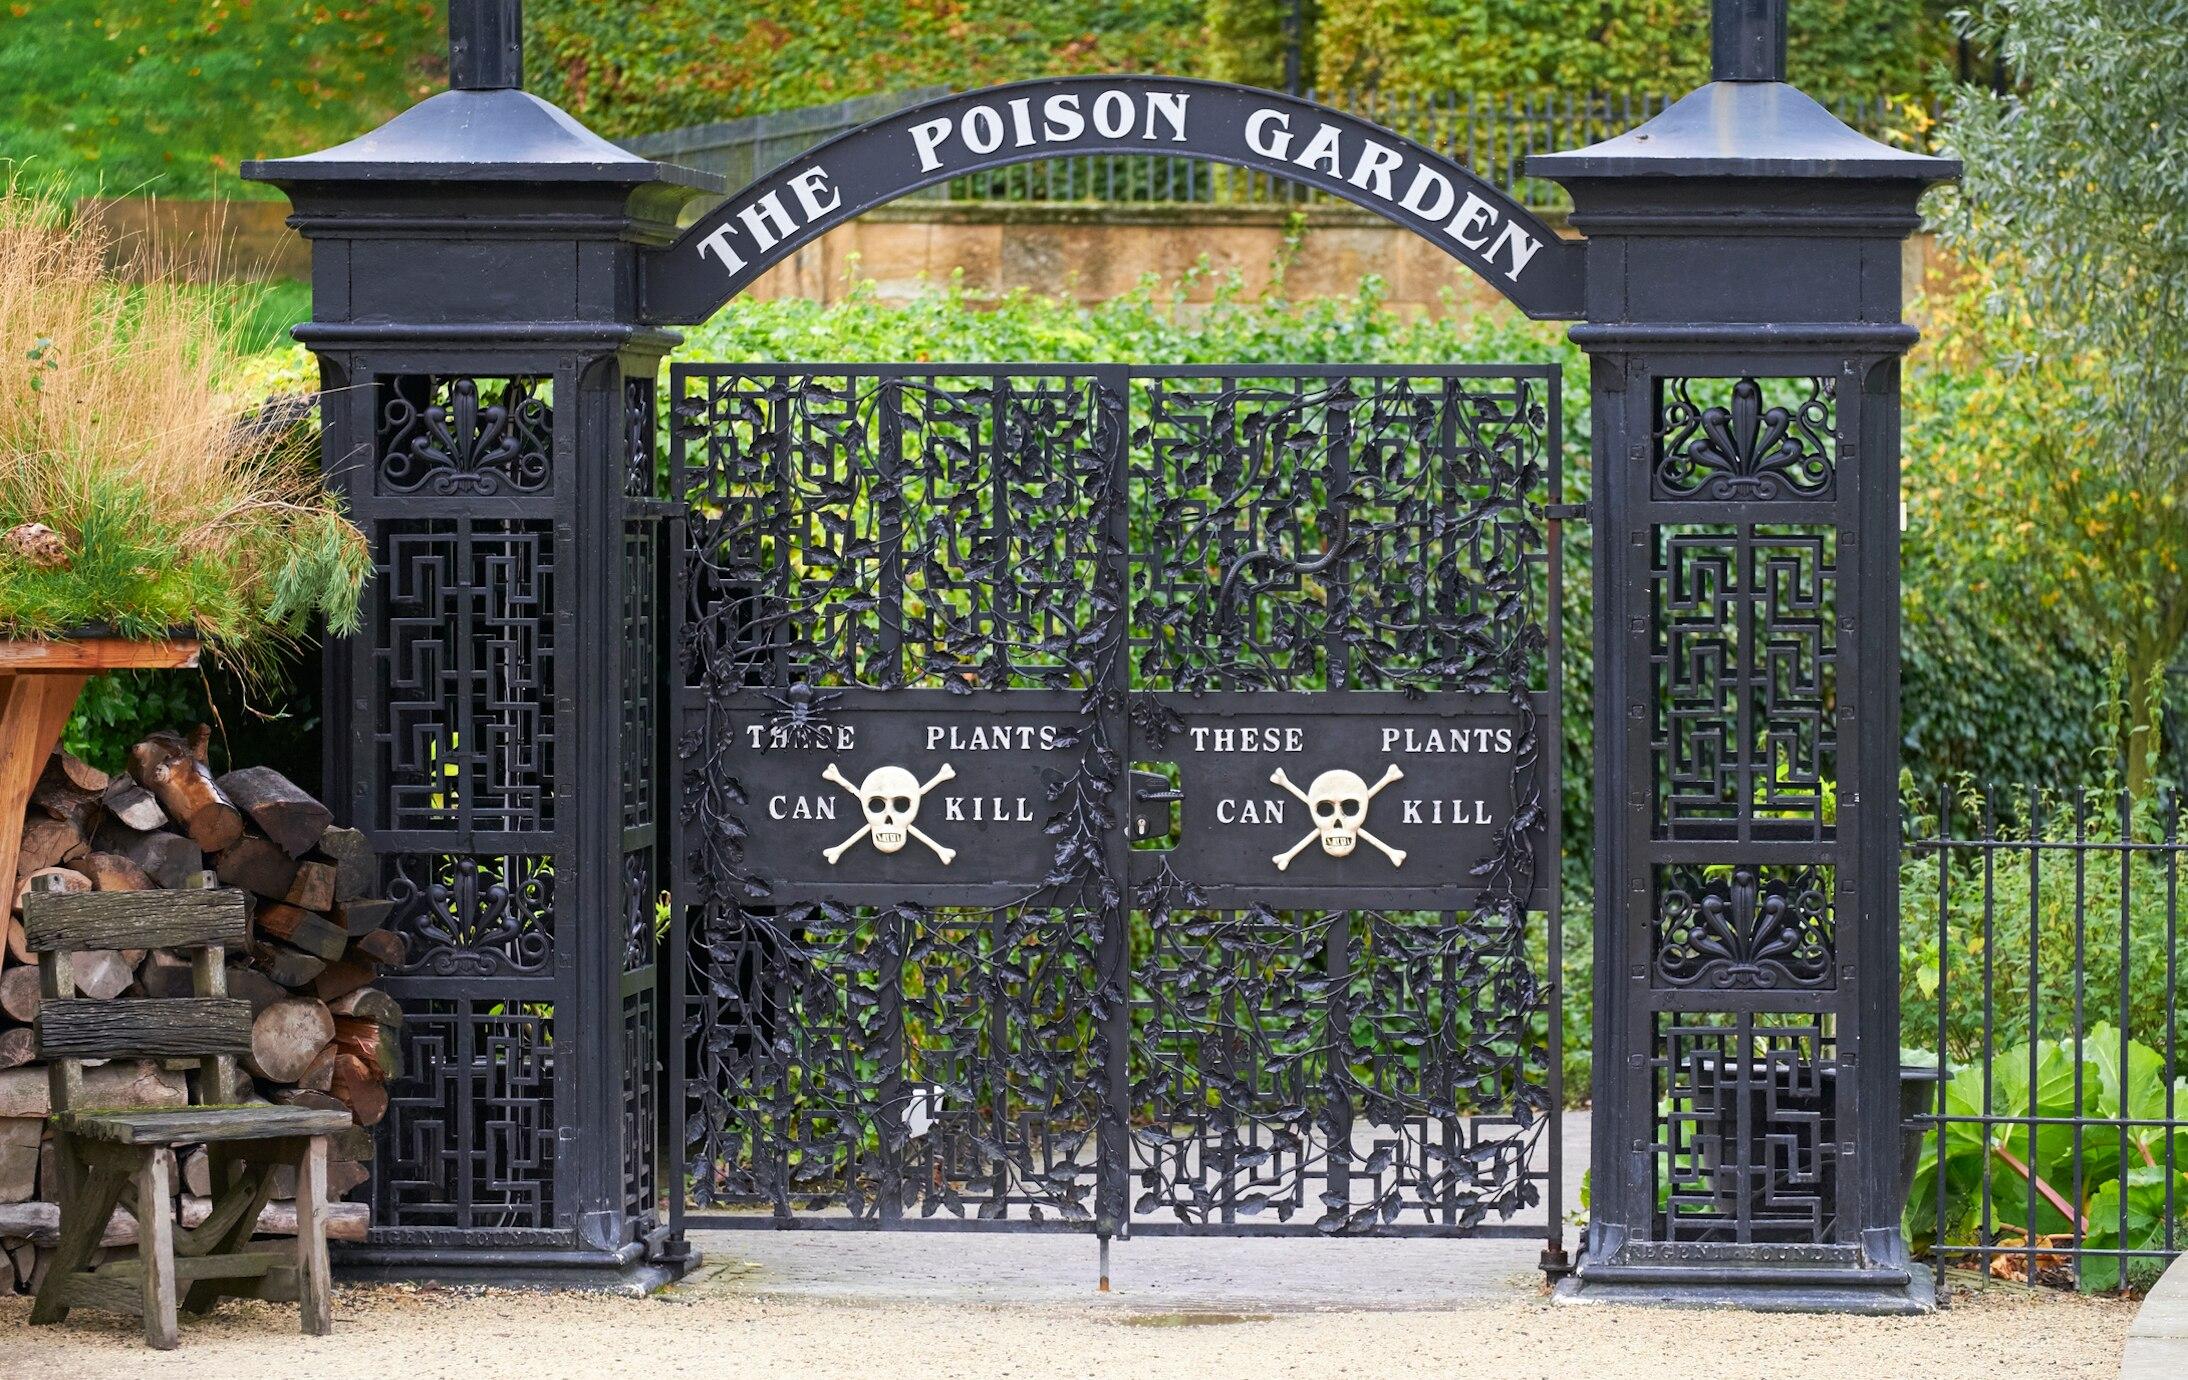 Alnwick Poison Garden Der giftigste Garten der Welt